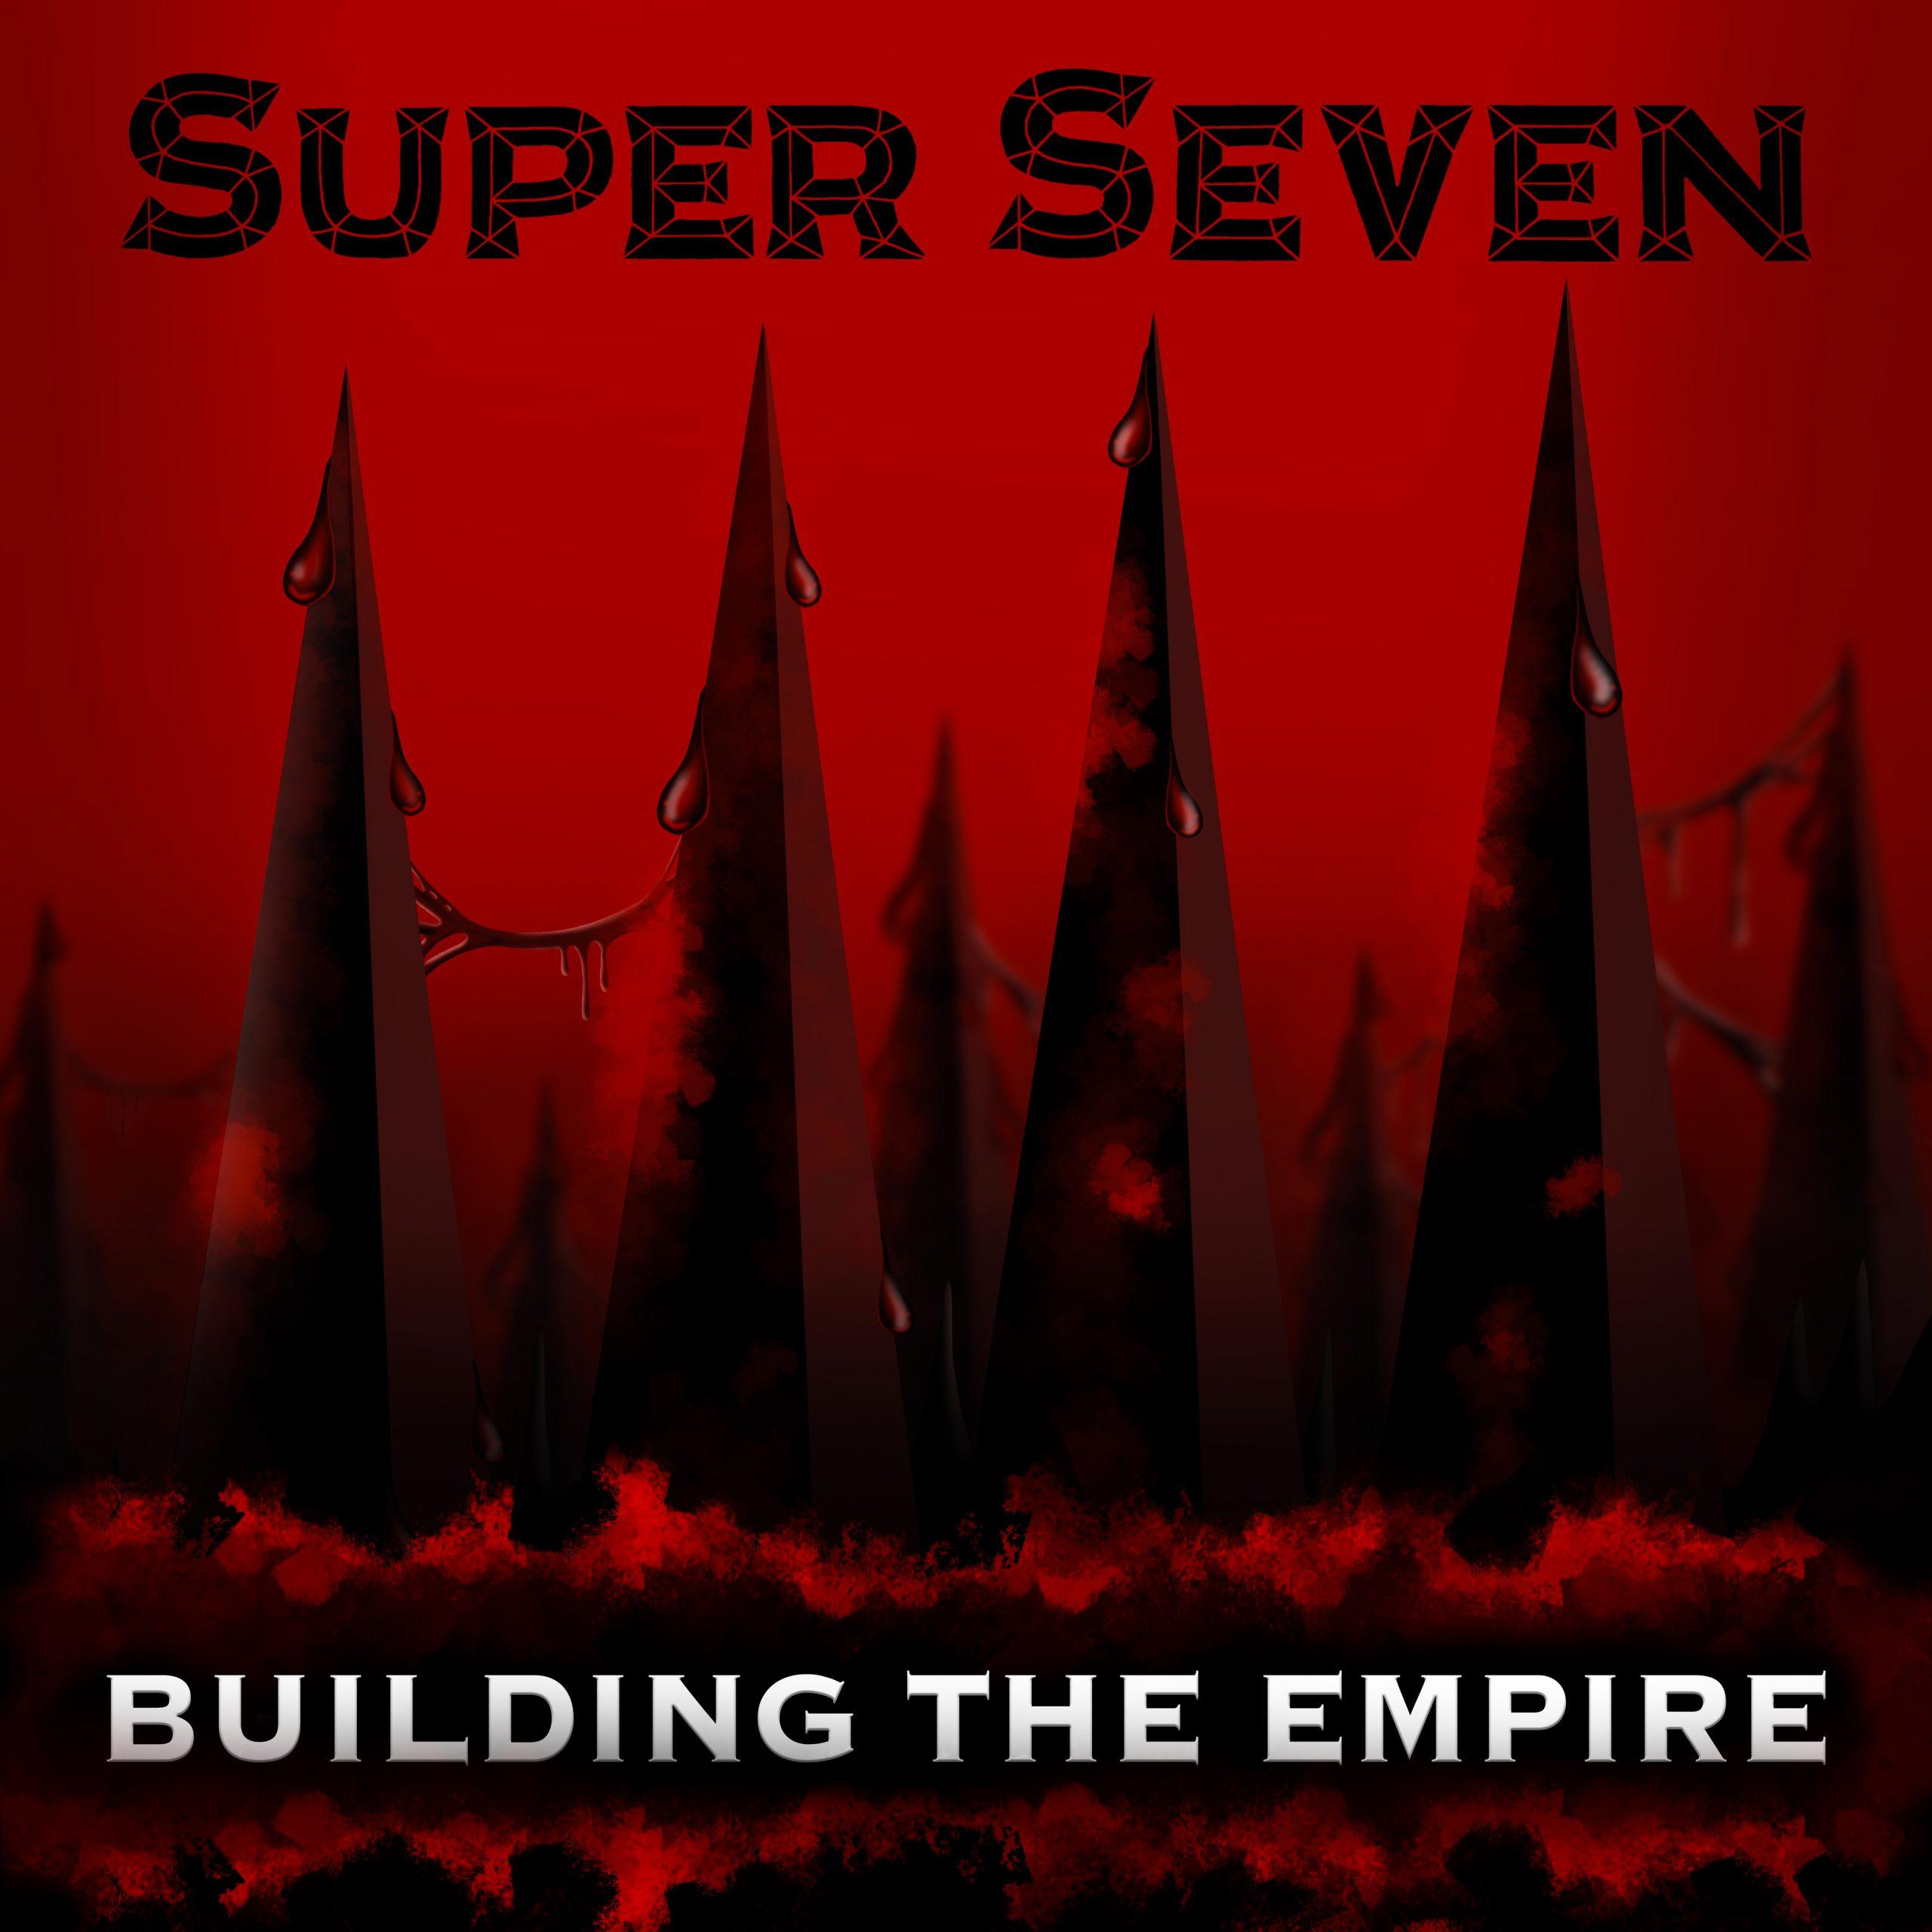 Super Seven - Building the Empire (Cover Art)